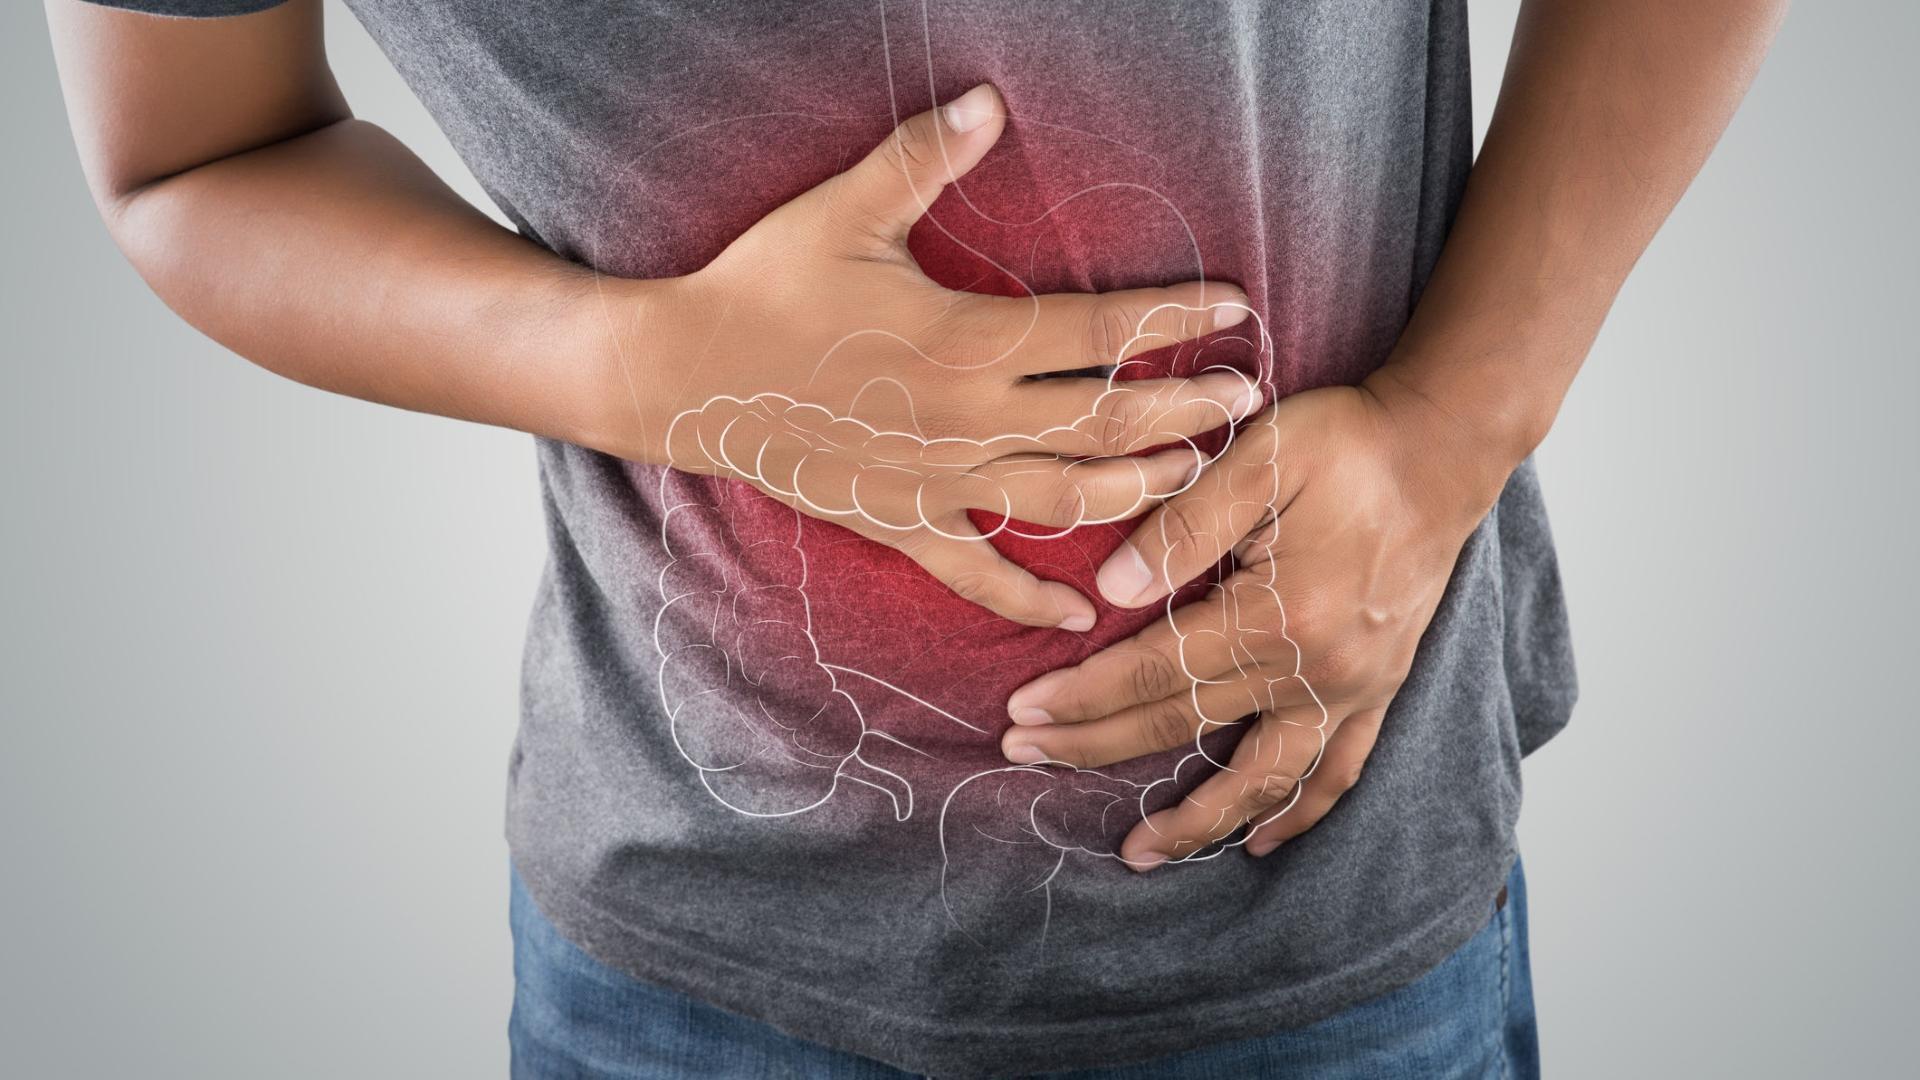 Рак желудка у молодых и пожилых пациентов - разные заболевания